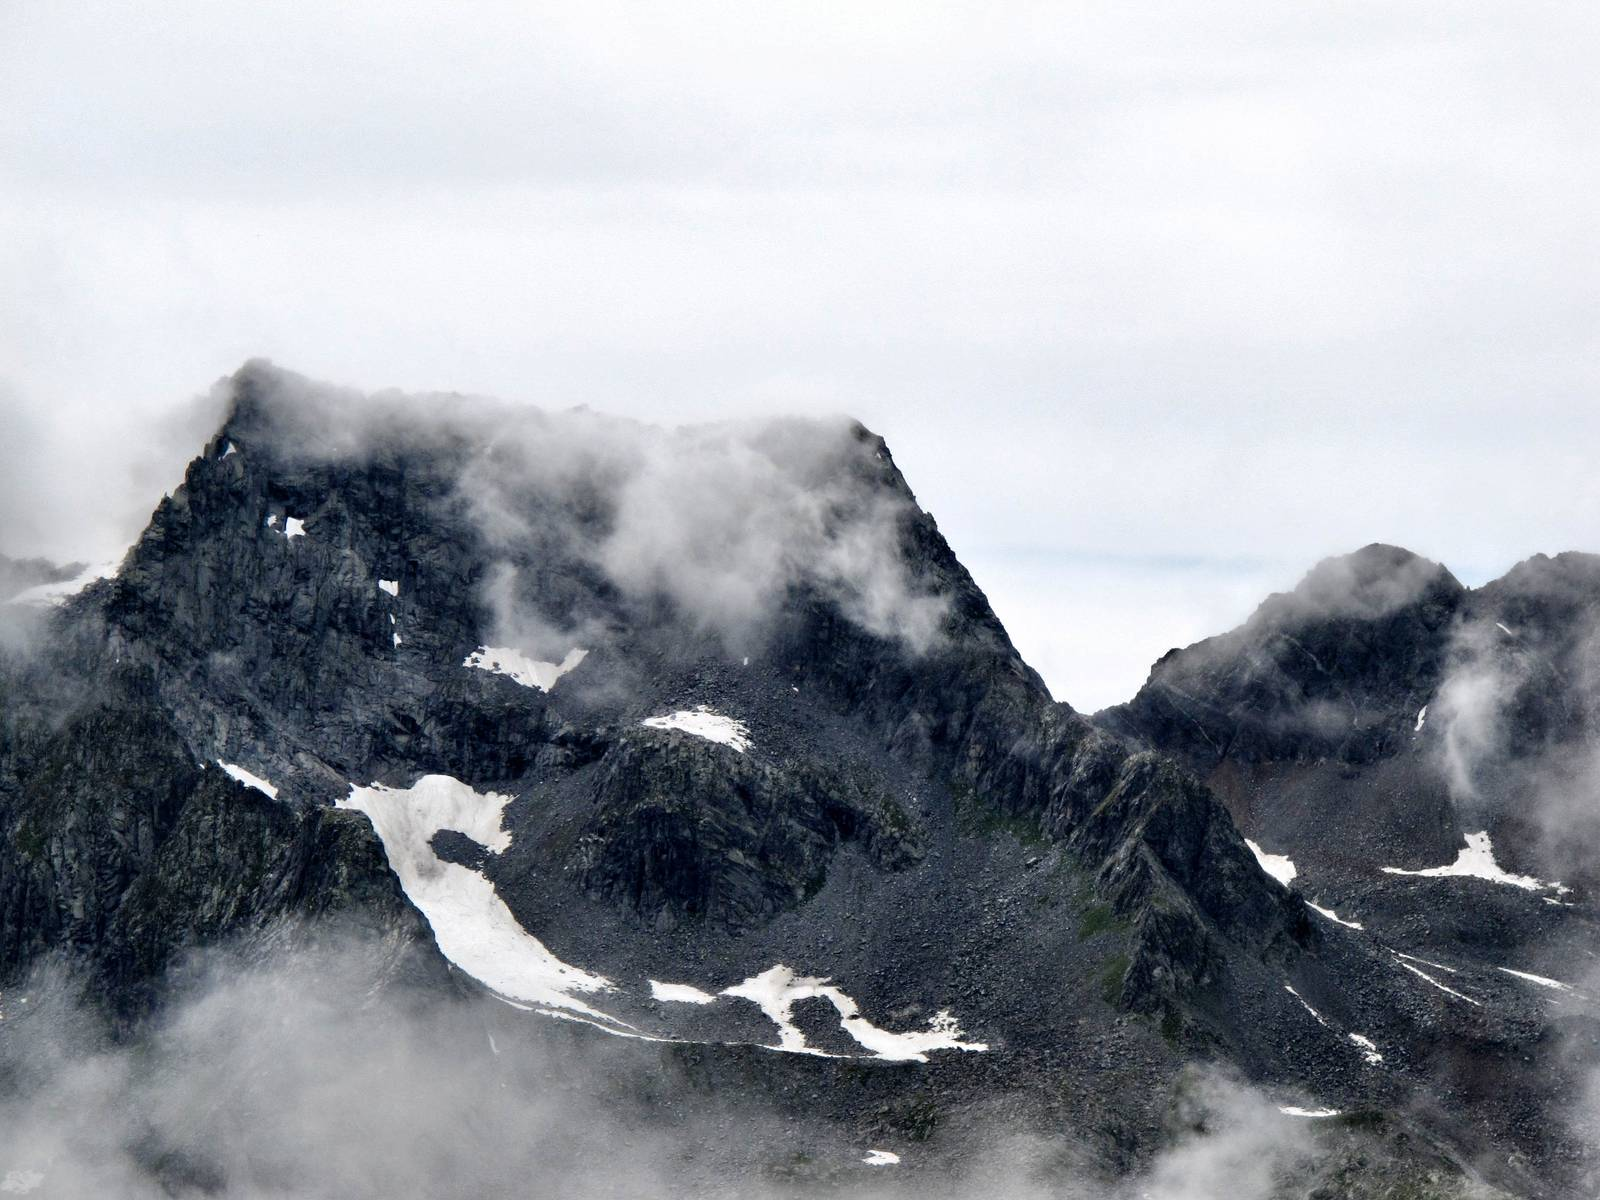 Passi-nella-neve-9-agosto-2014_Narrazione-in-cammino-destinazione-Garibaldi42 Copia